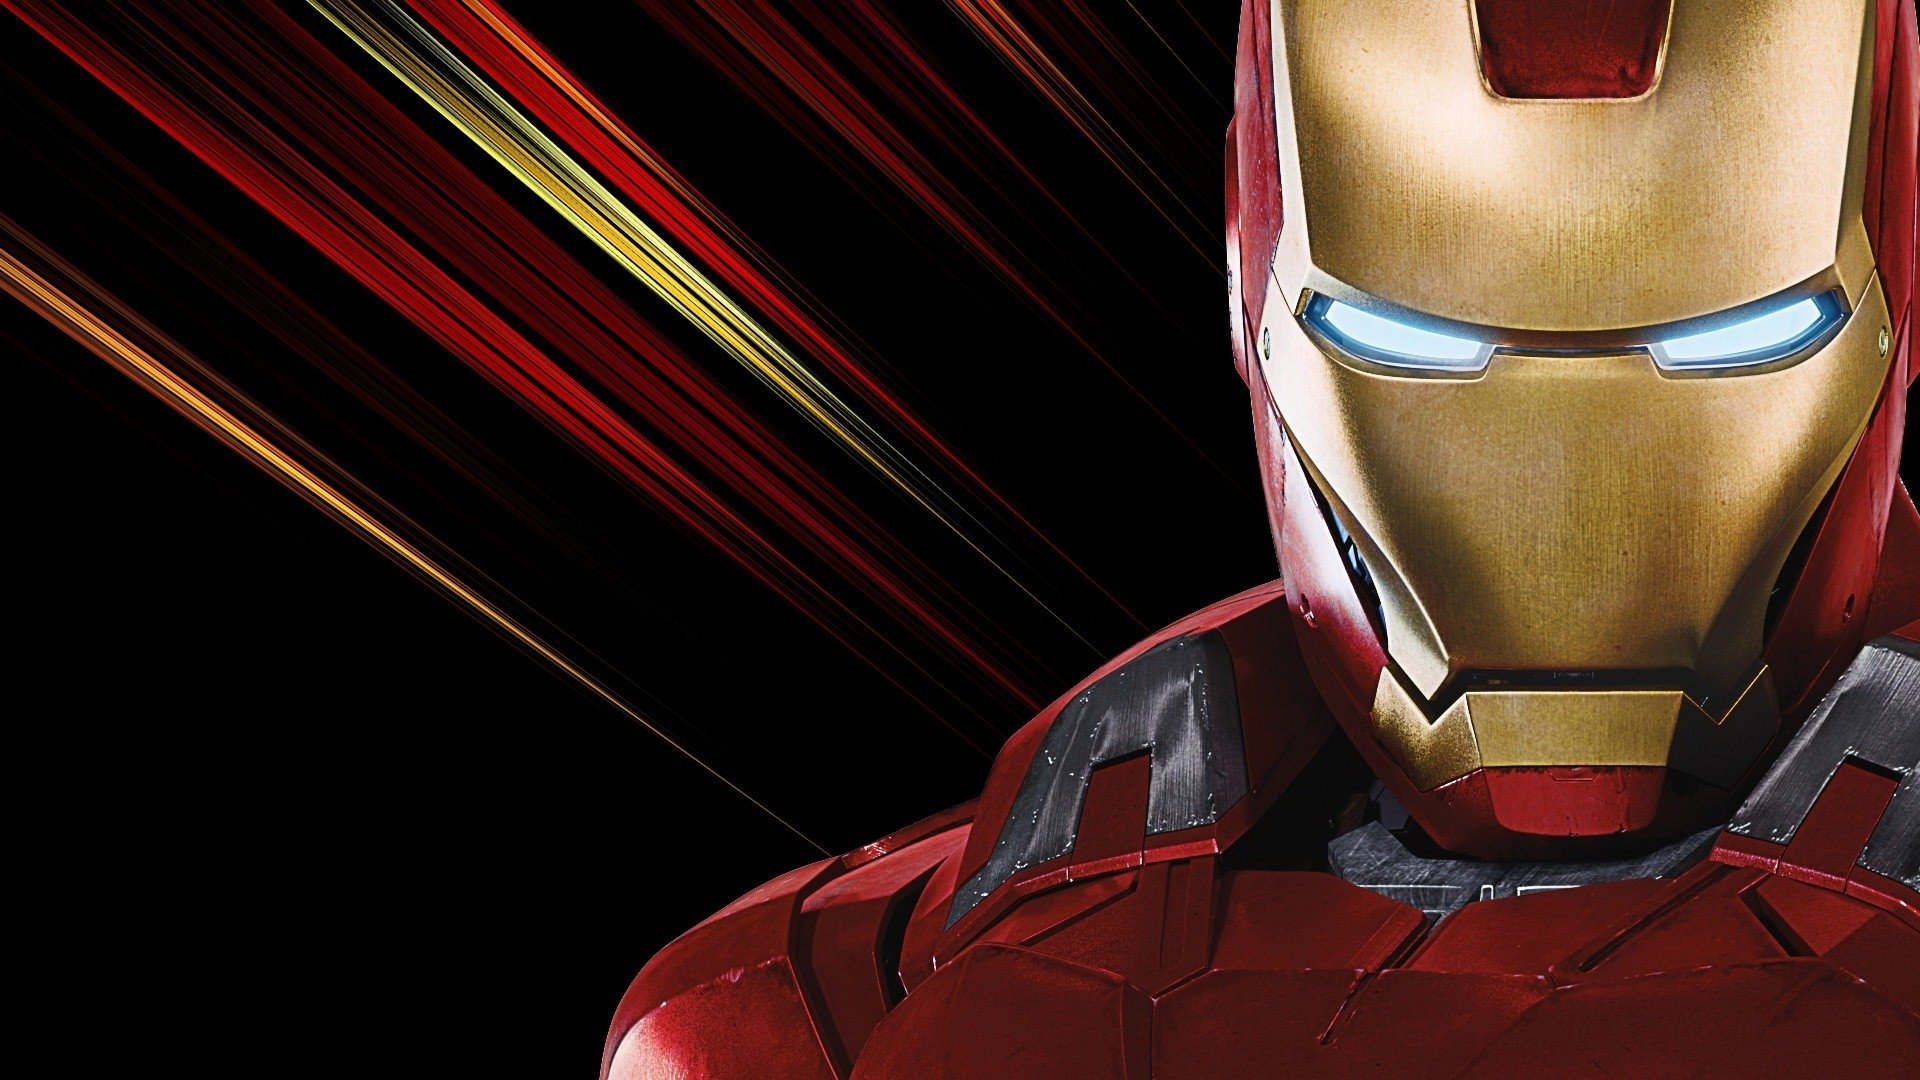 Iron man fondo de pantalla hd fondo de escritorio - Fondos de pantalla de iron man en 3d ...